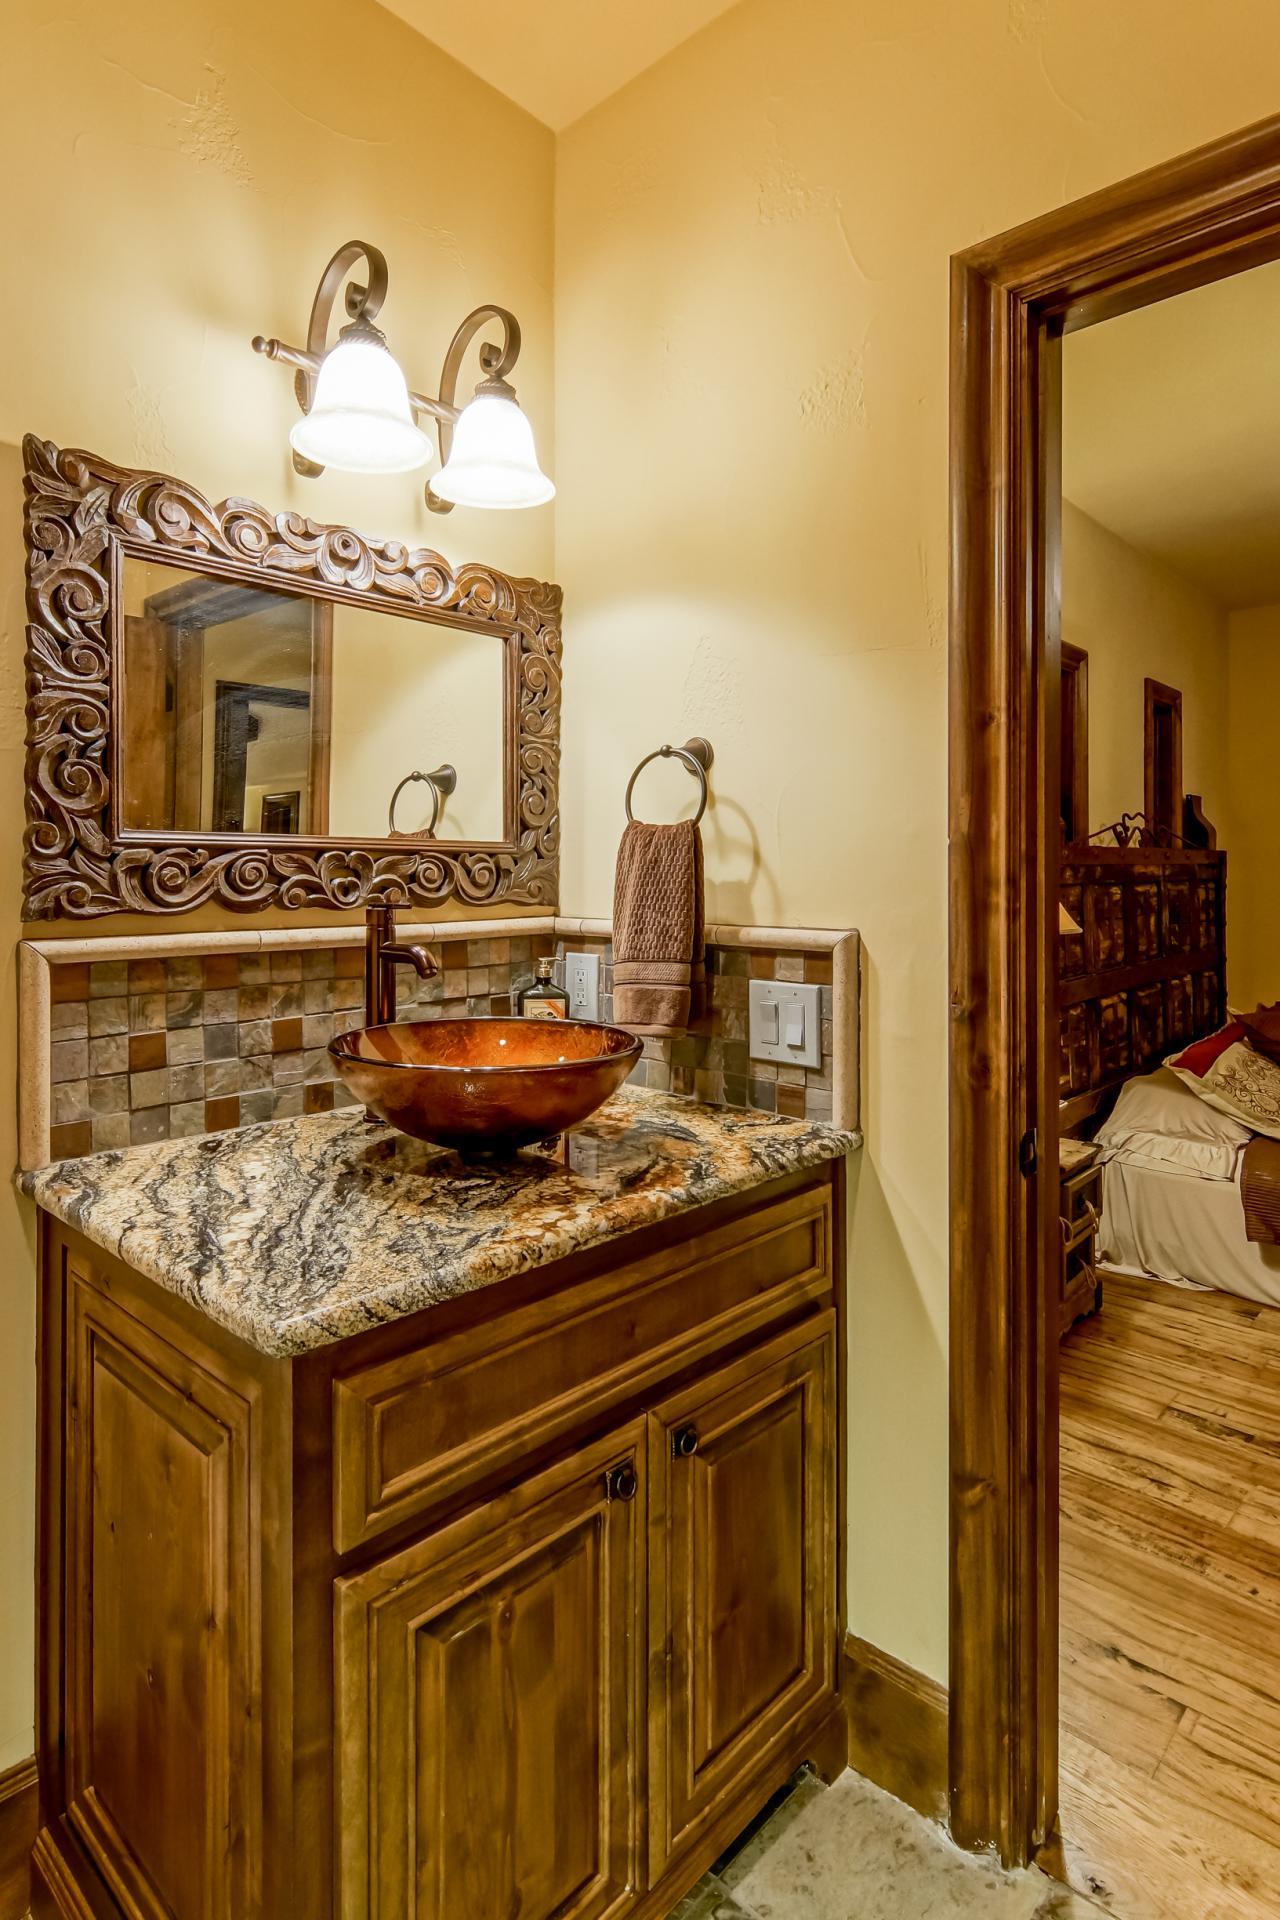 Diy Rustic Bathroom Mirror